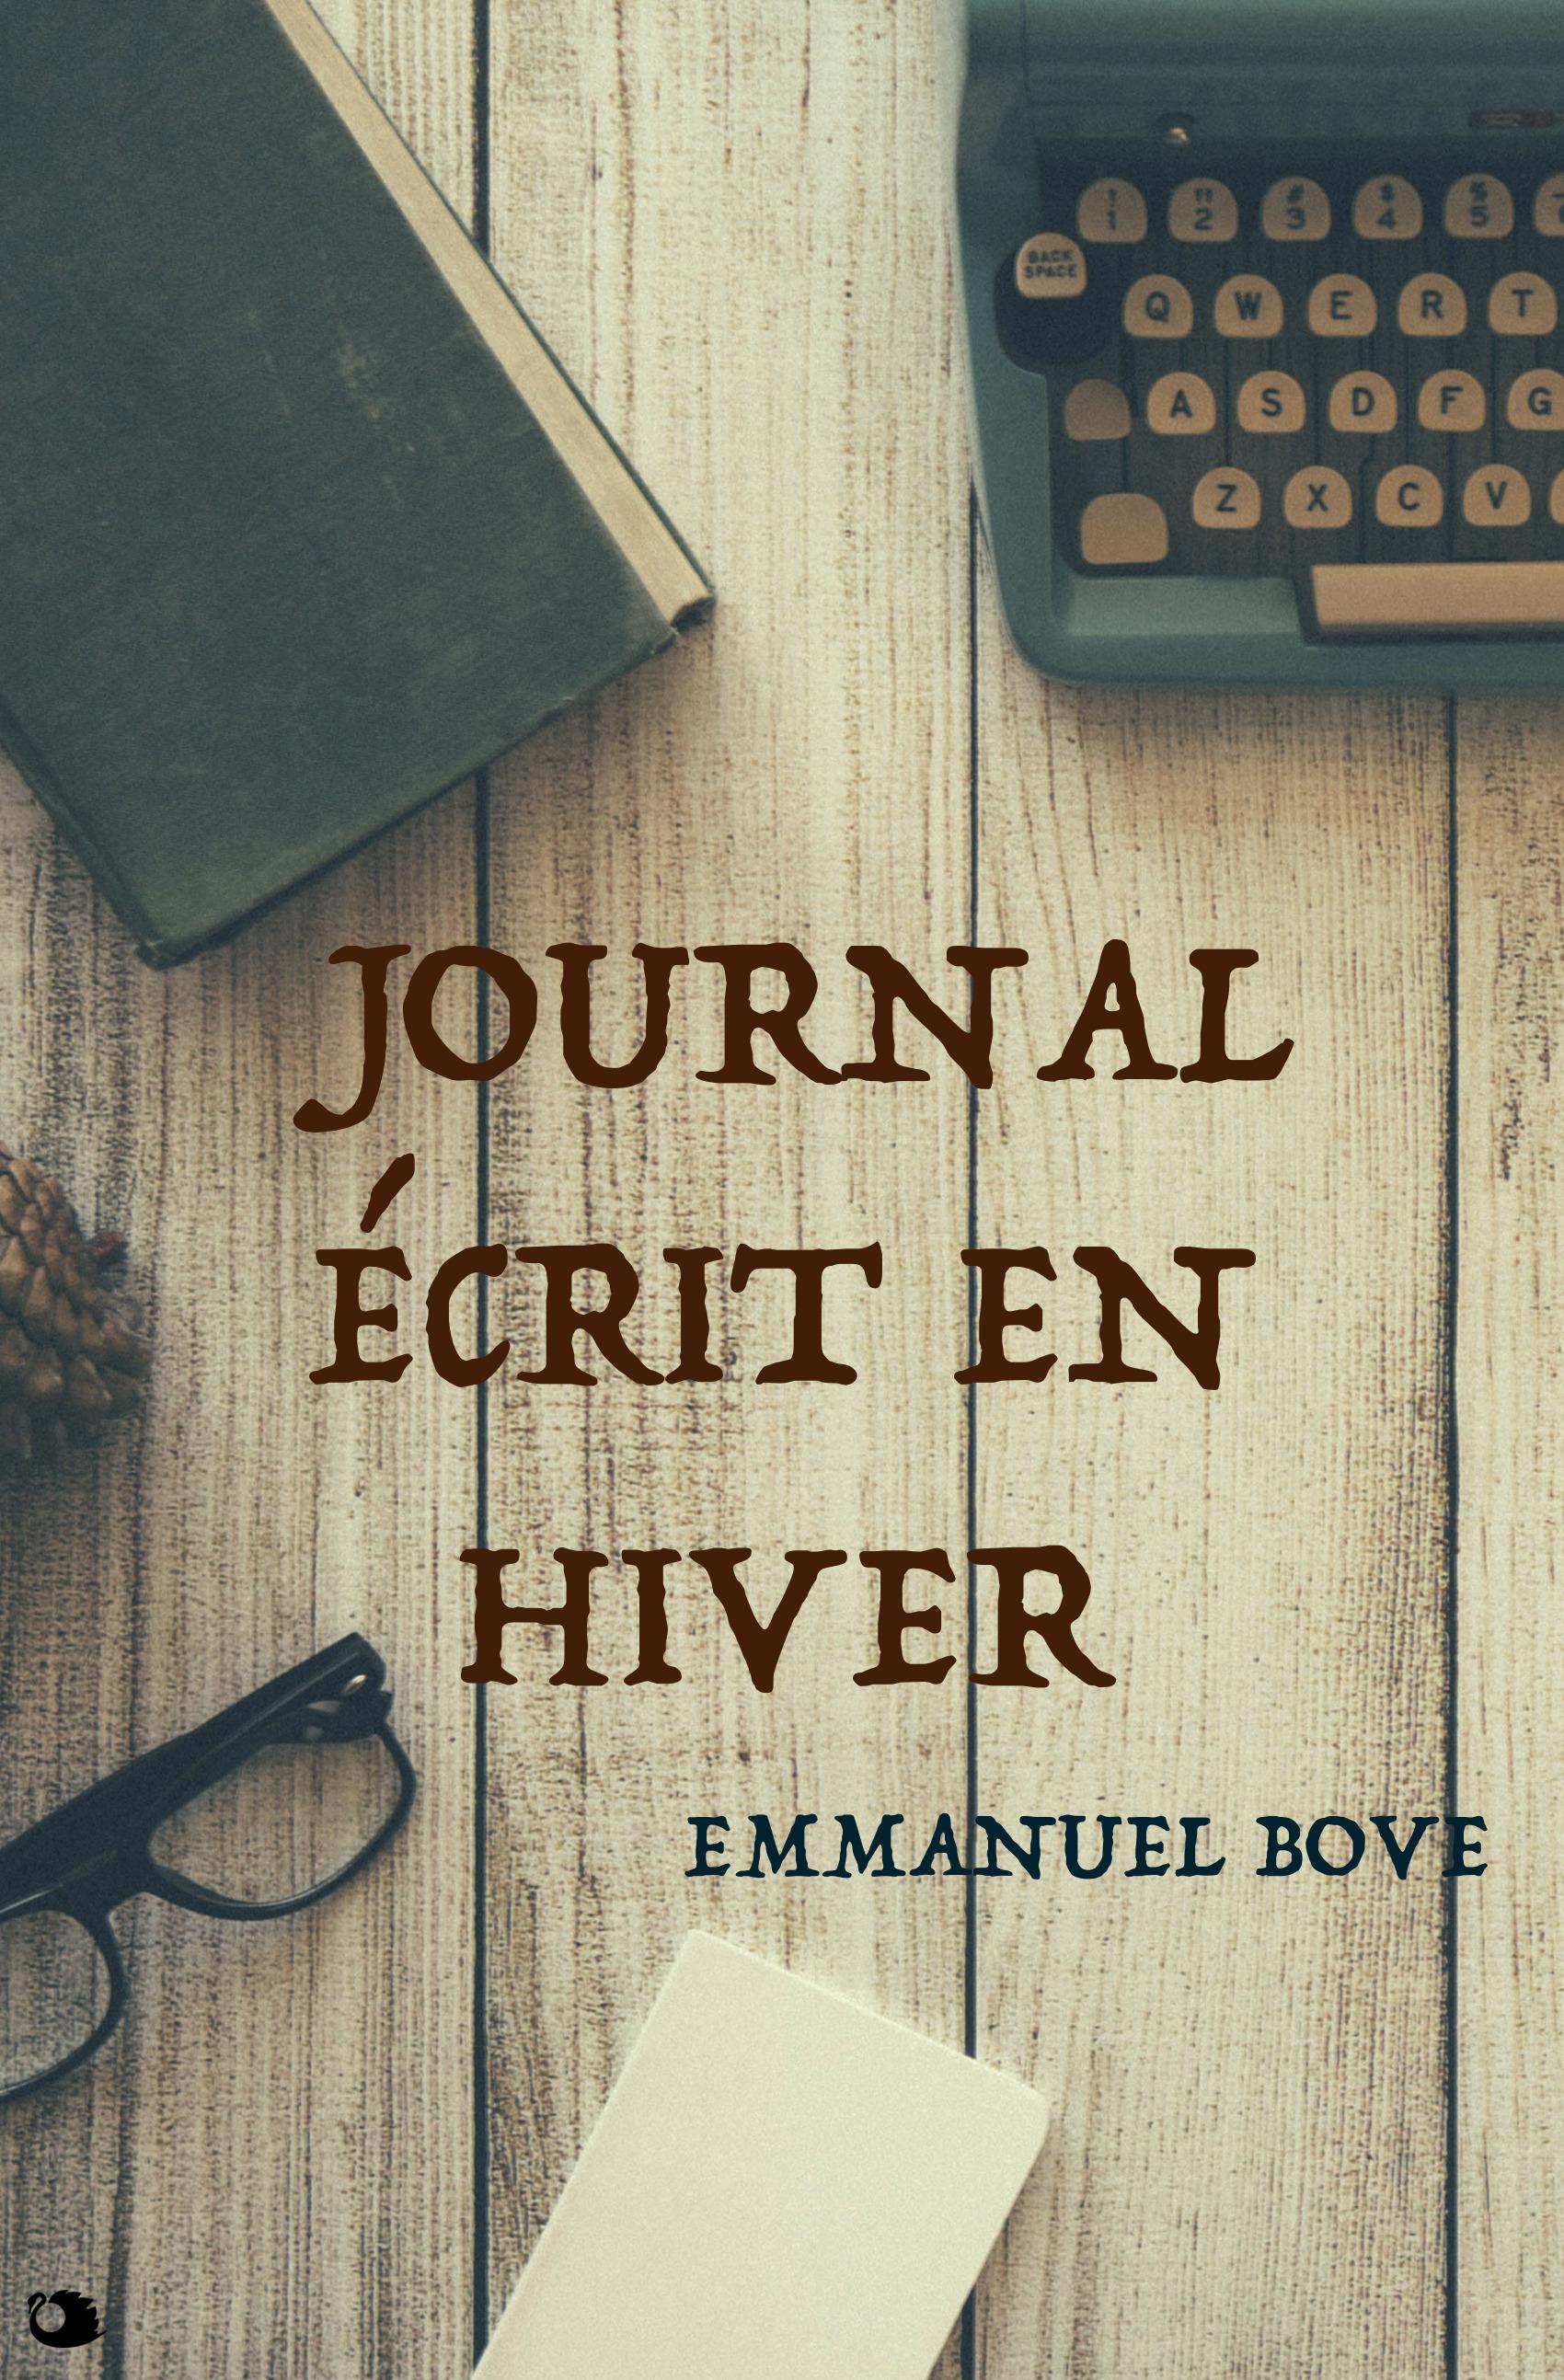 Journal écrit en hiver